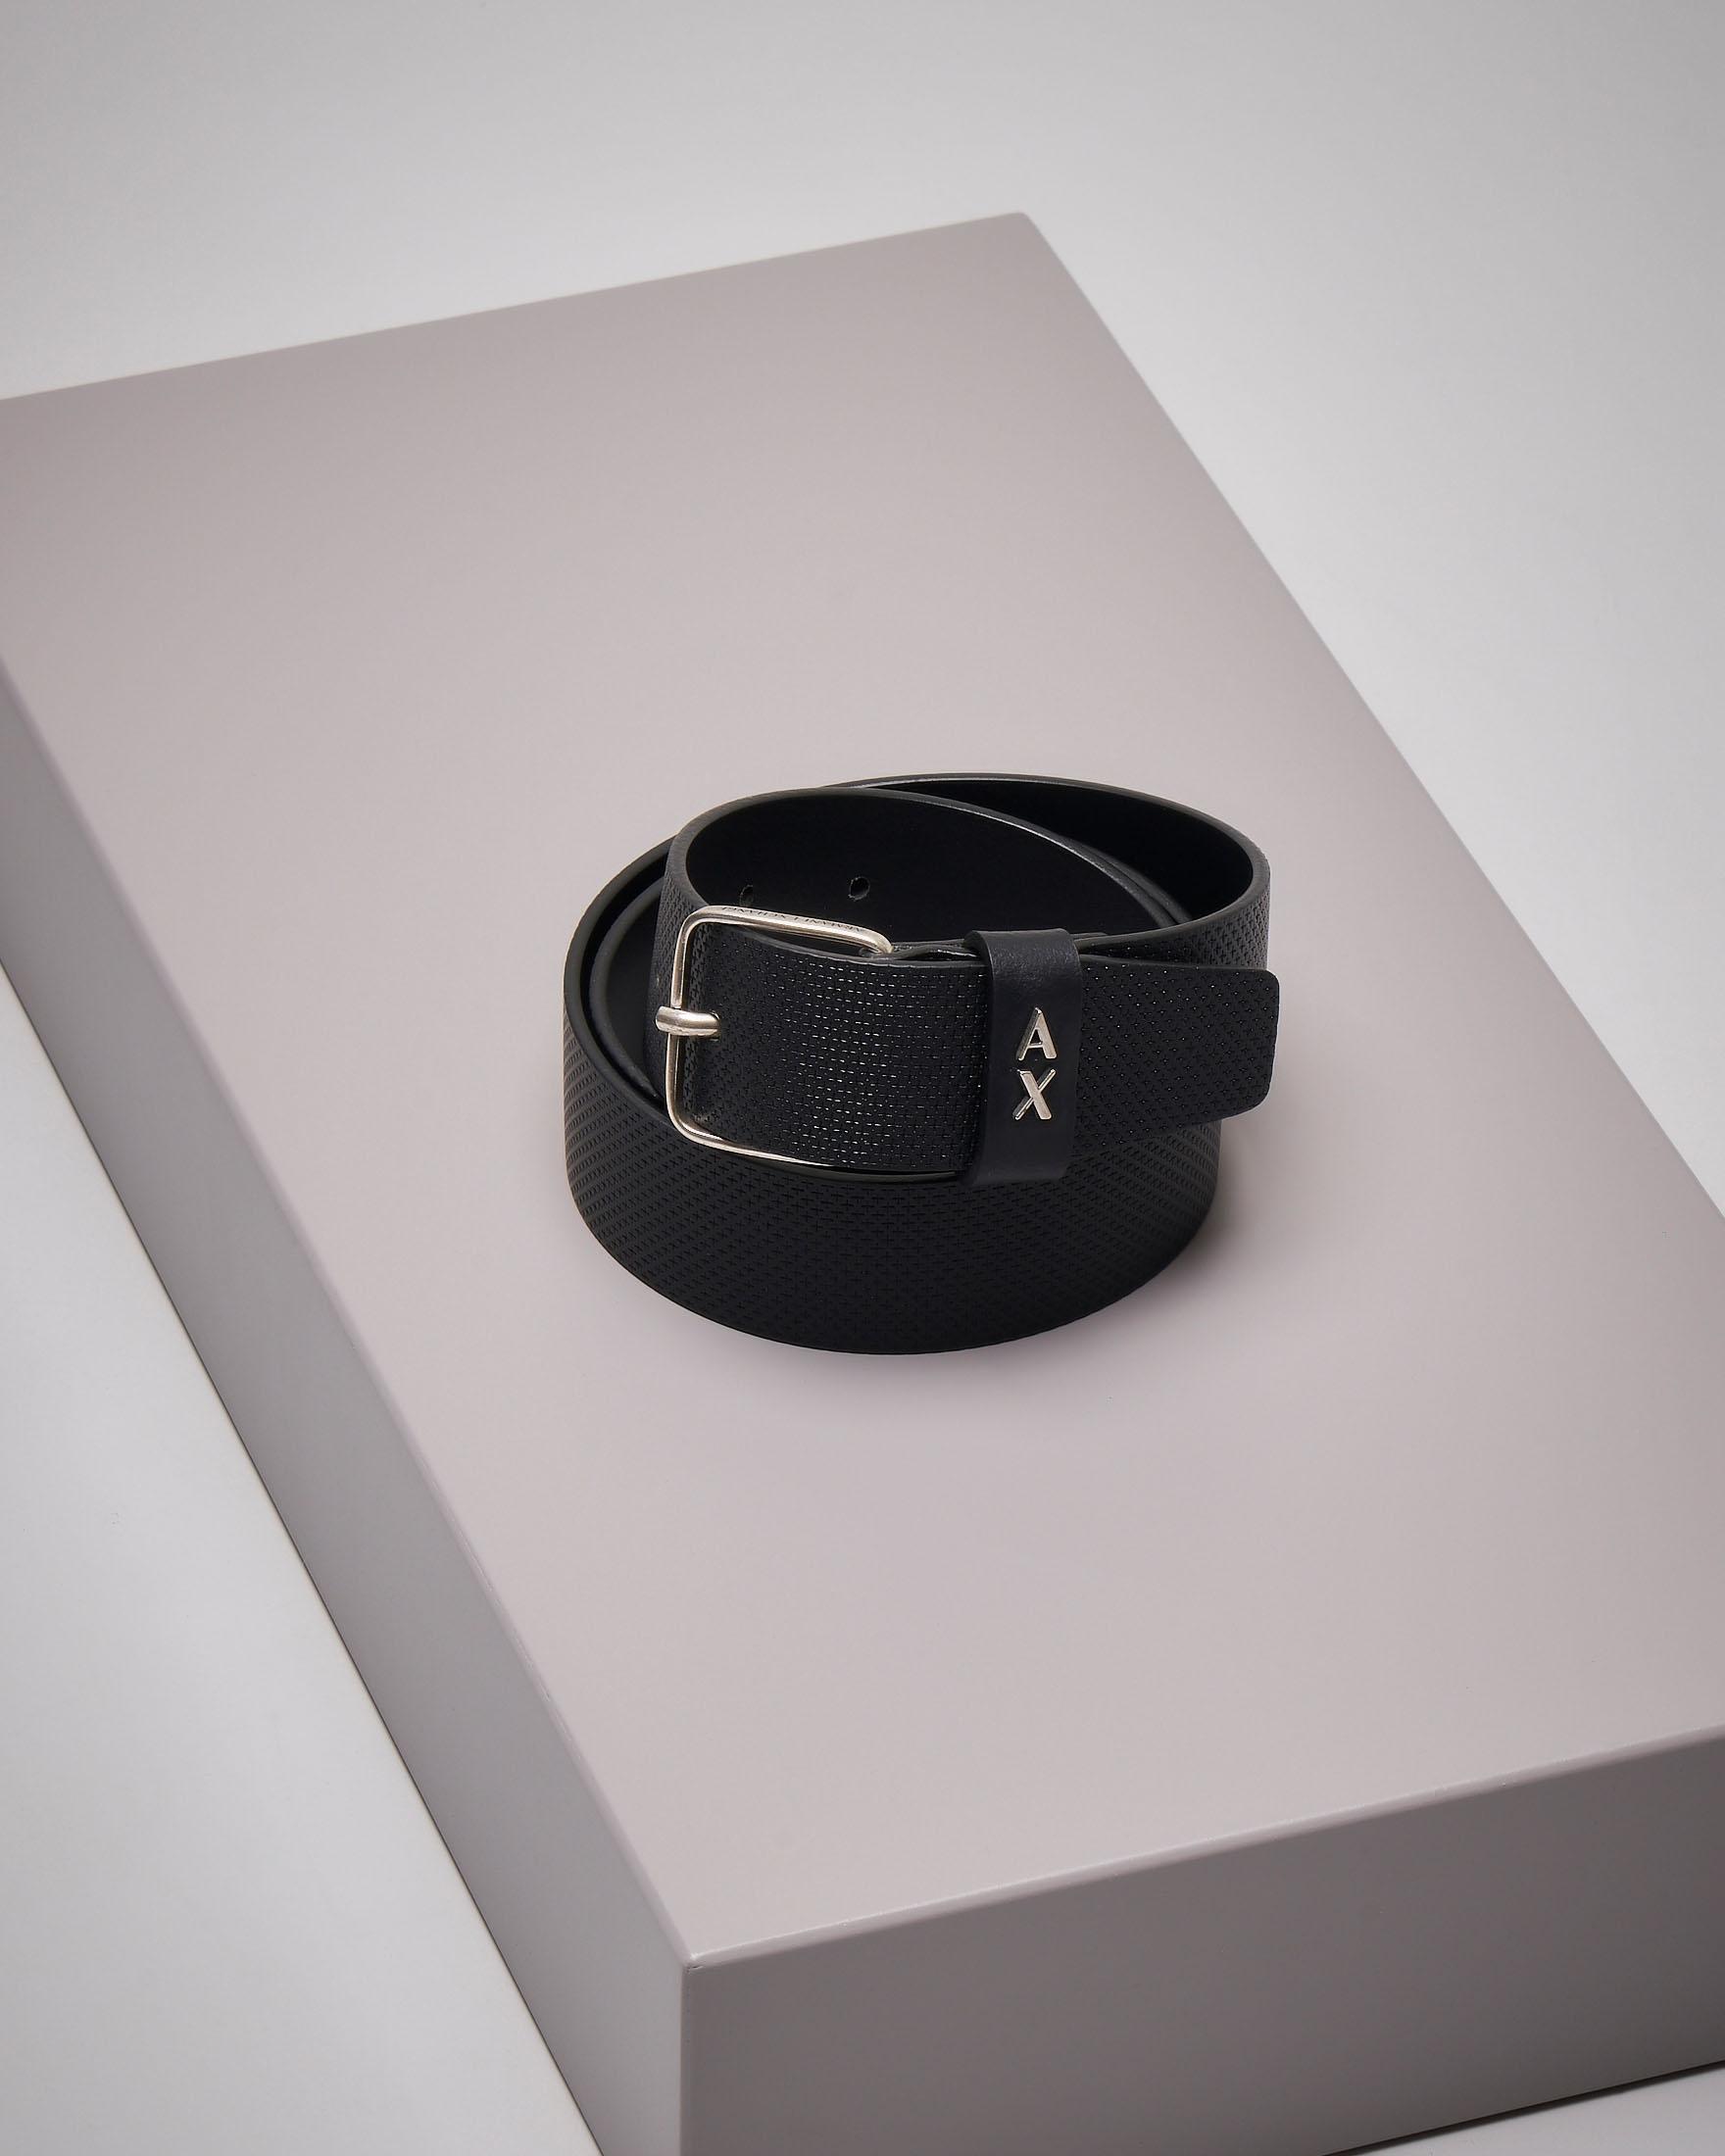 Cintura nera in pelle effetto puntinato